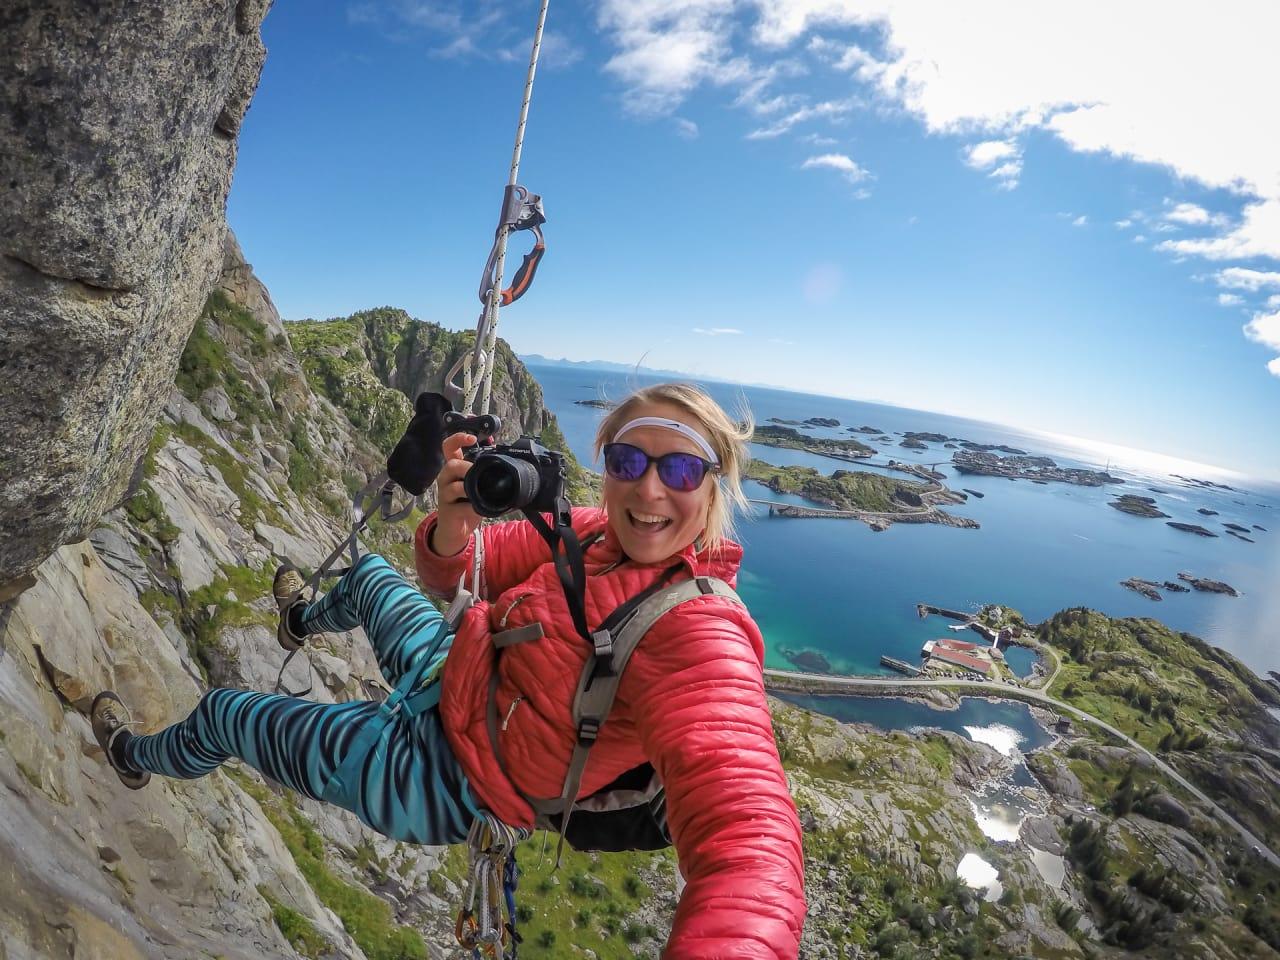 PROGRAMLEDEREN: Kristin Folsland Olsen er ikke tam, og allerede neste uke er hun å se i første innslag av Naturfotoskolen.